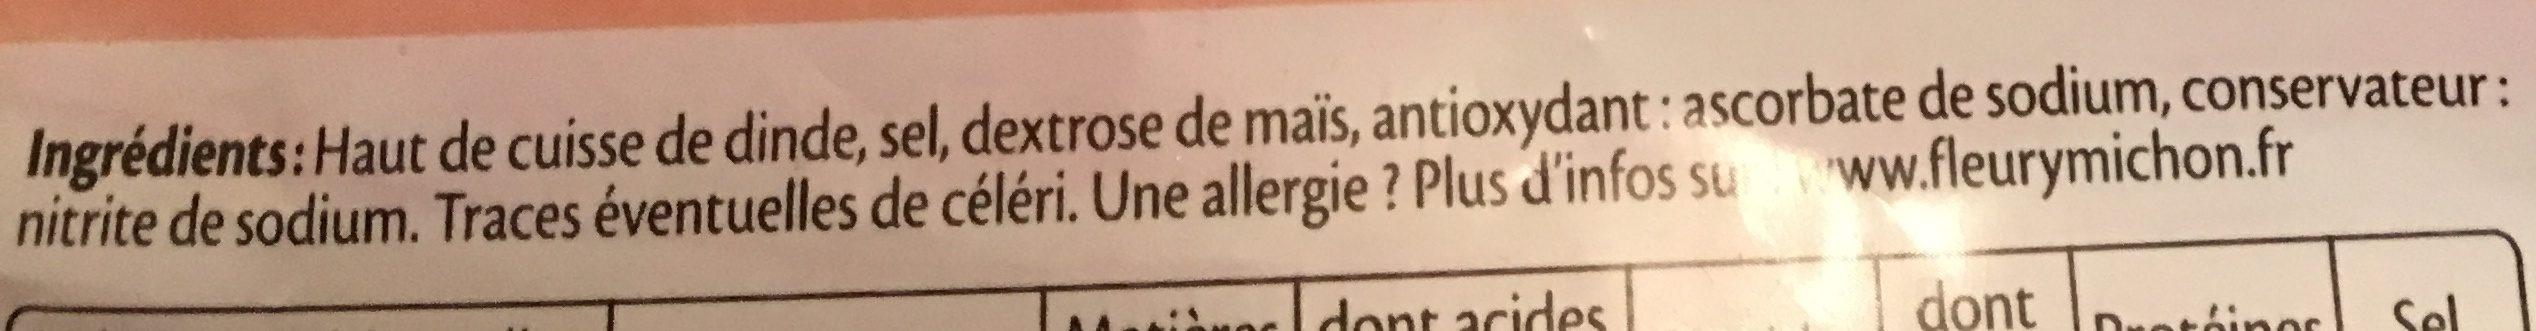 Jambon de dinde Halal - 10 tr. - Ingredienti - fr